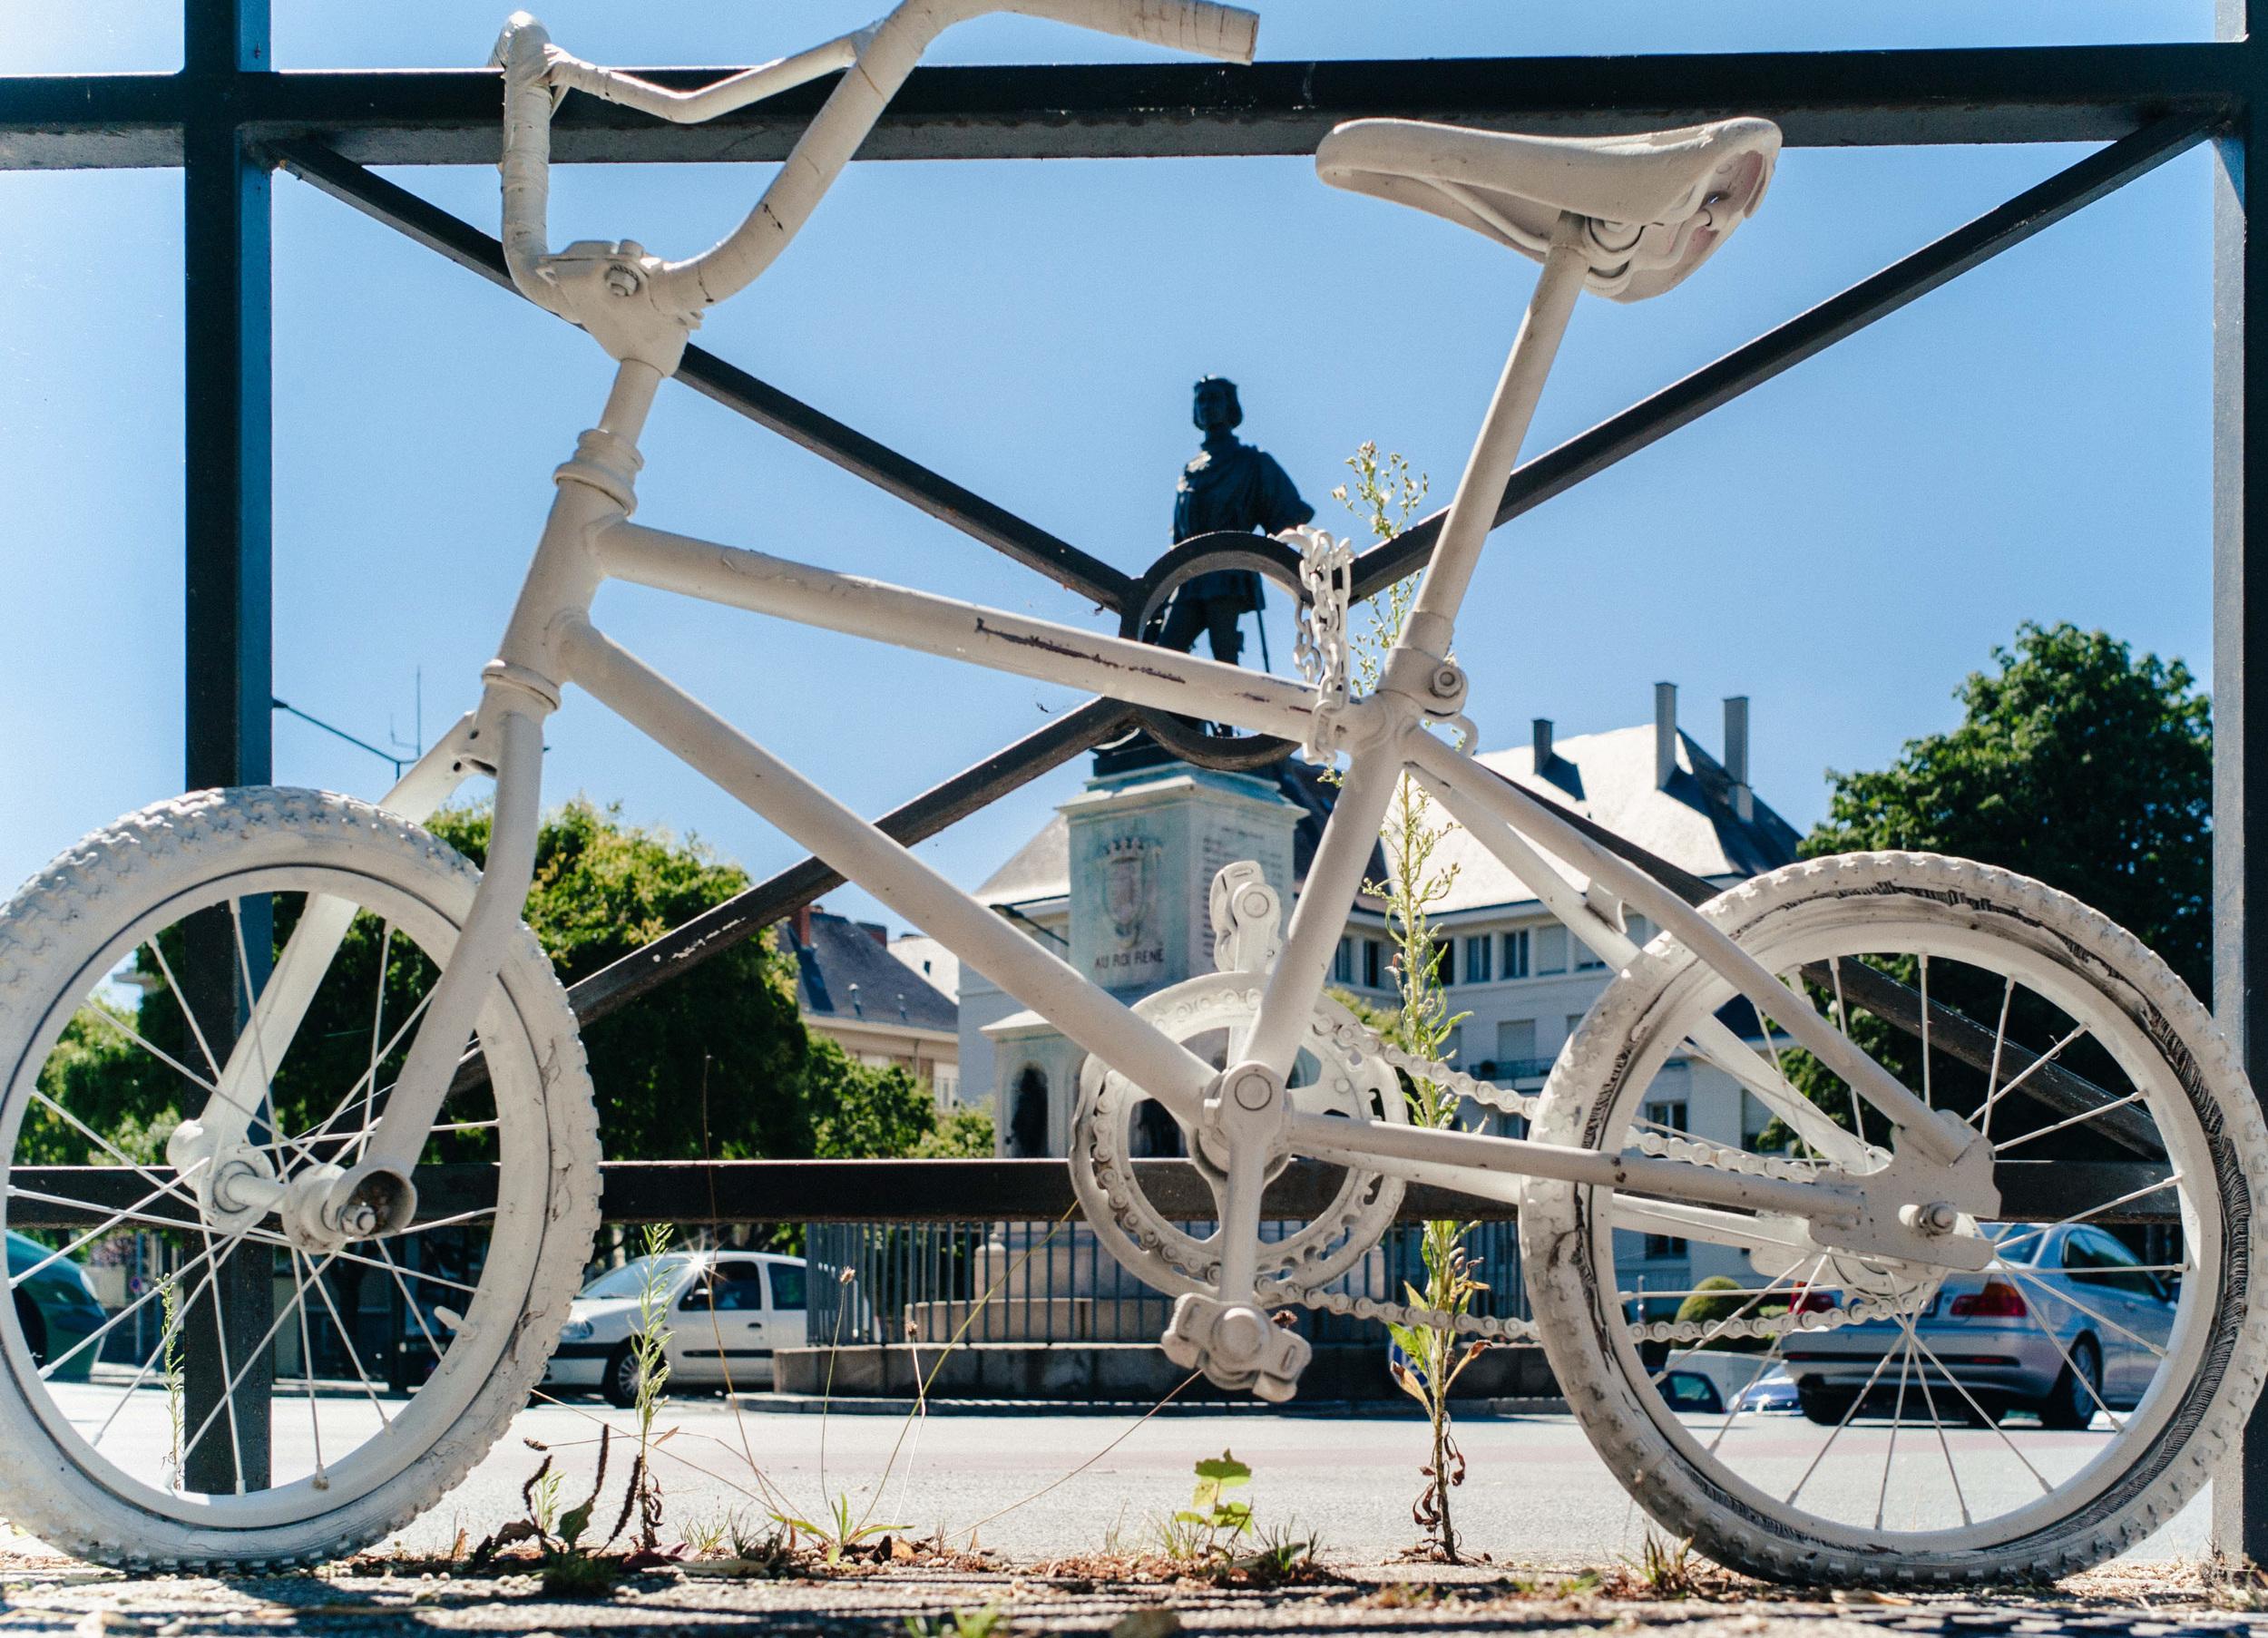 A Angers, un vélo blanc en hommage au petit garçon tué au même endroit il y a quelques mois.